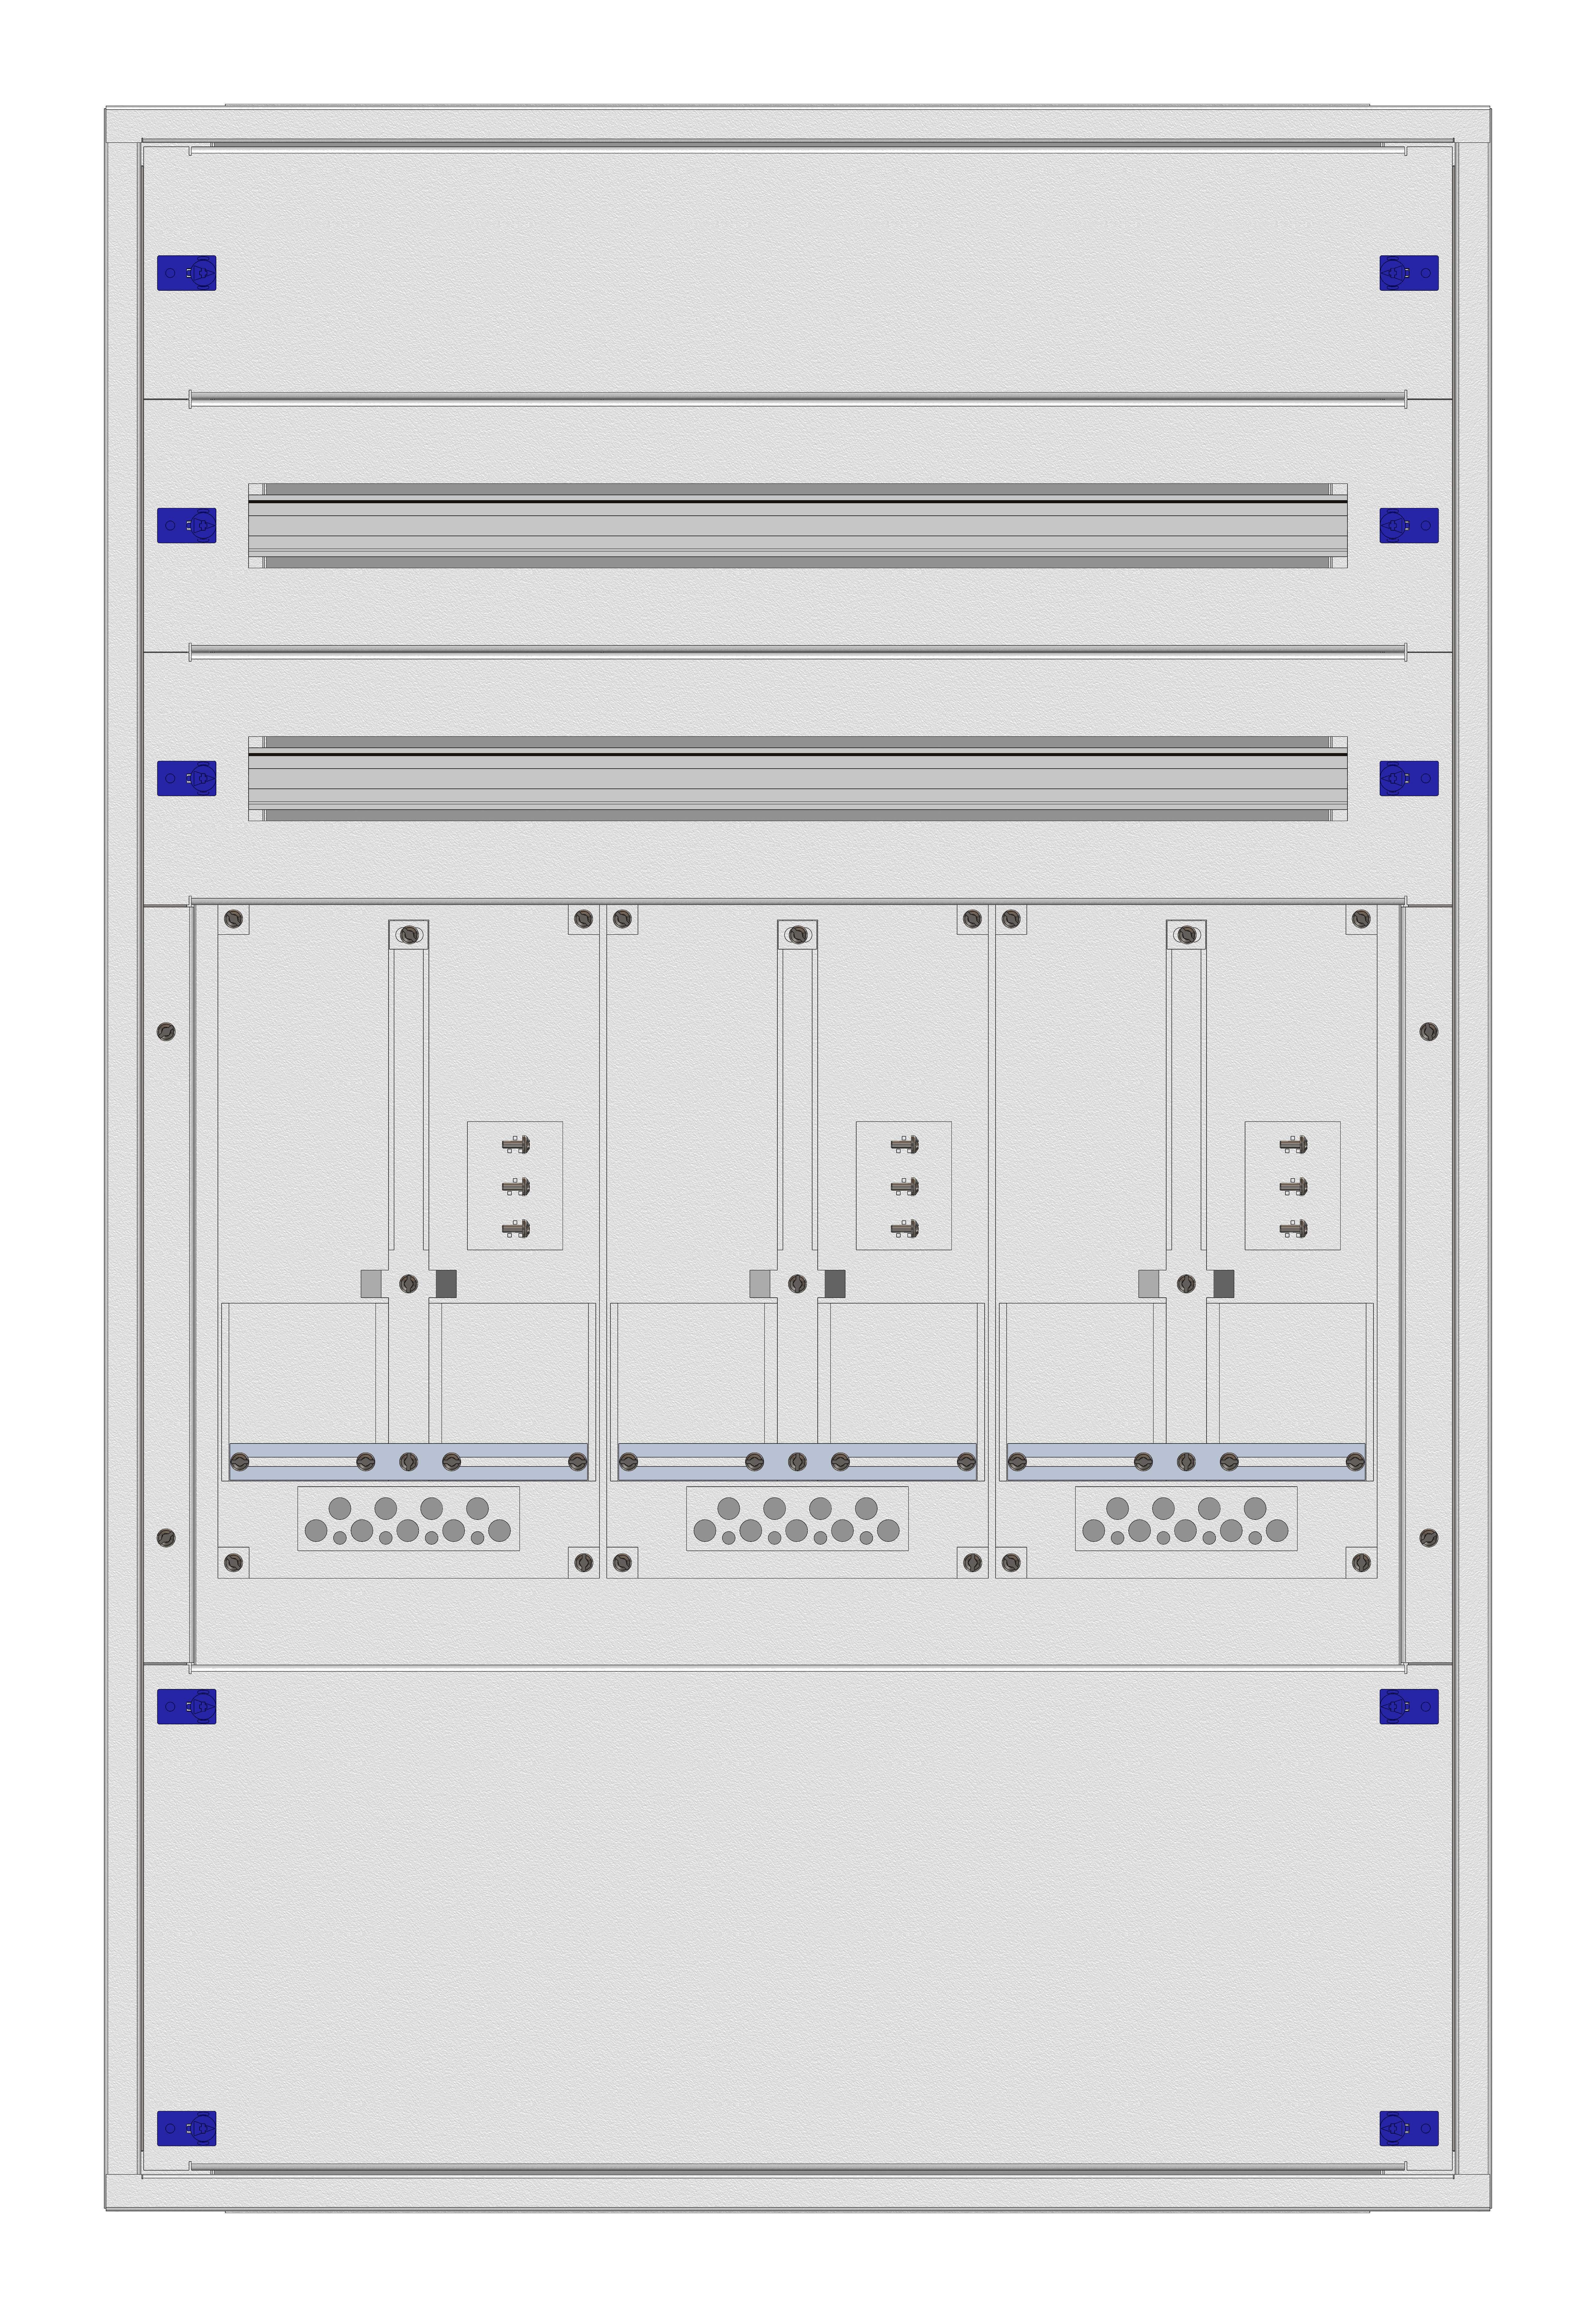 1 Stk Masken-Zählerverteiler 3M-24F/KTN 3ZP, H1150B760T200mm IL153324KK